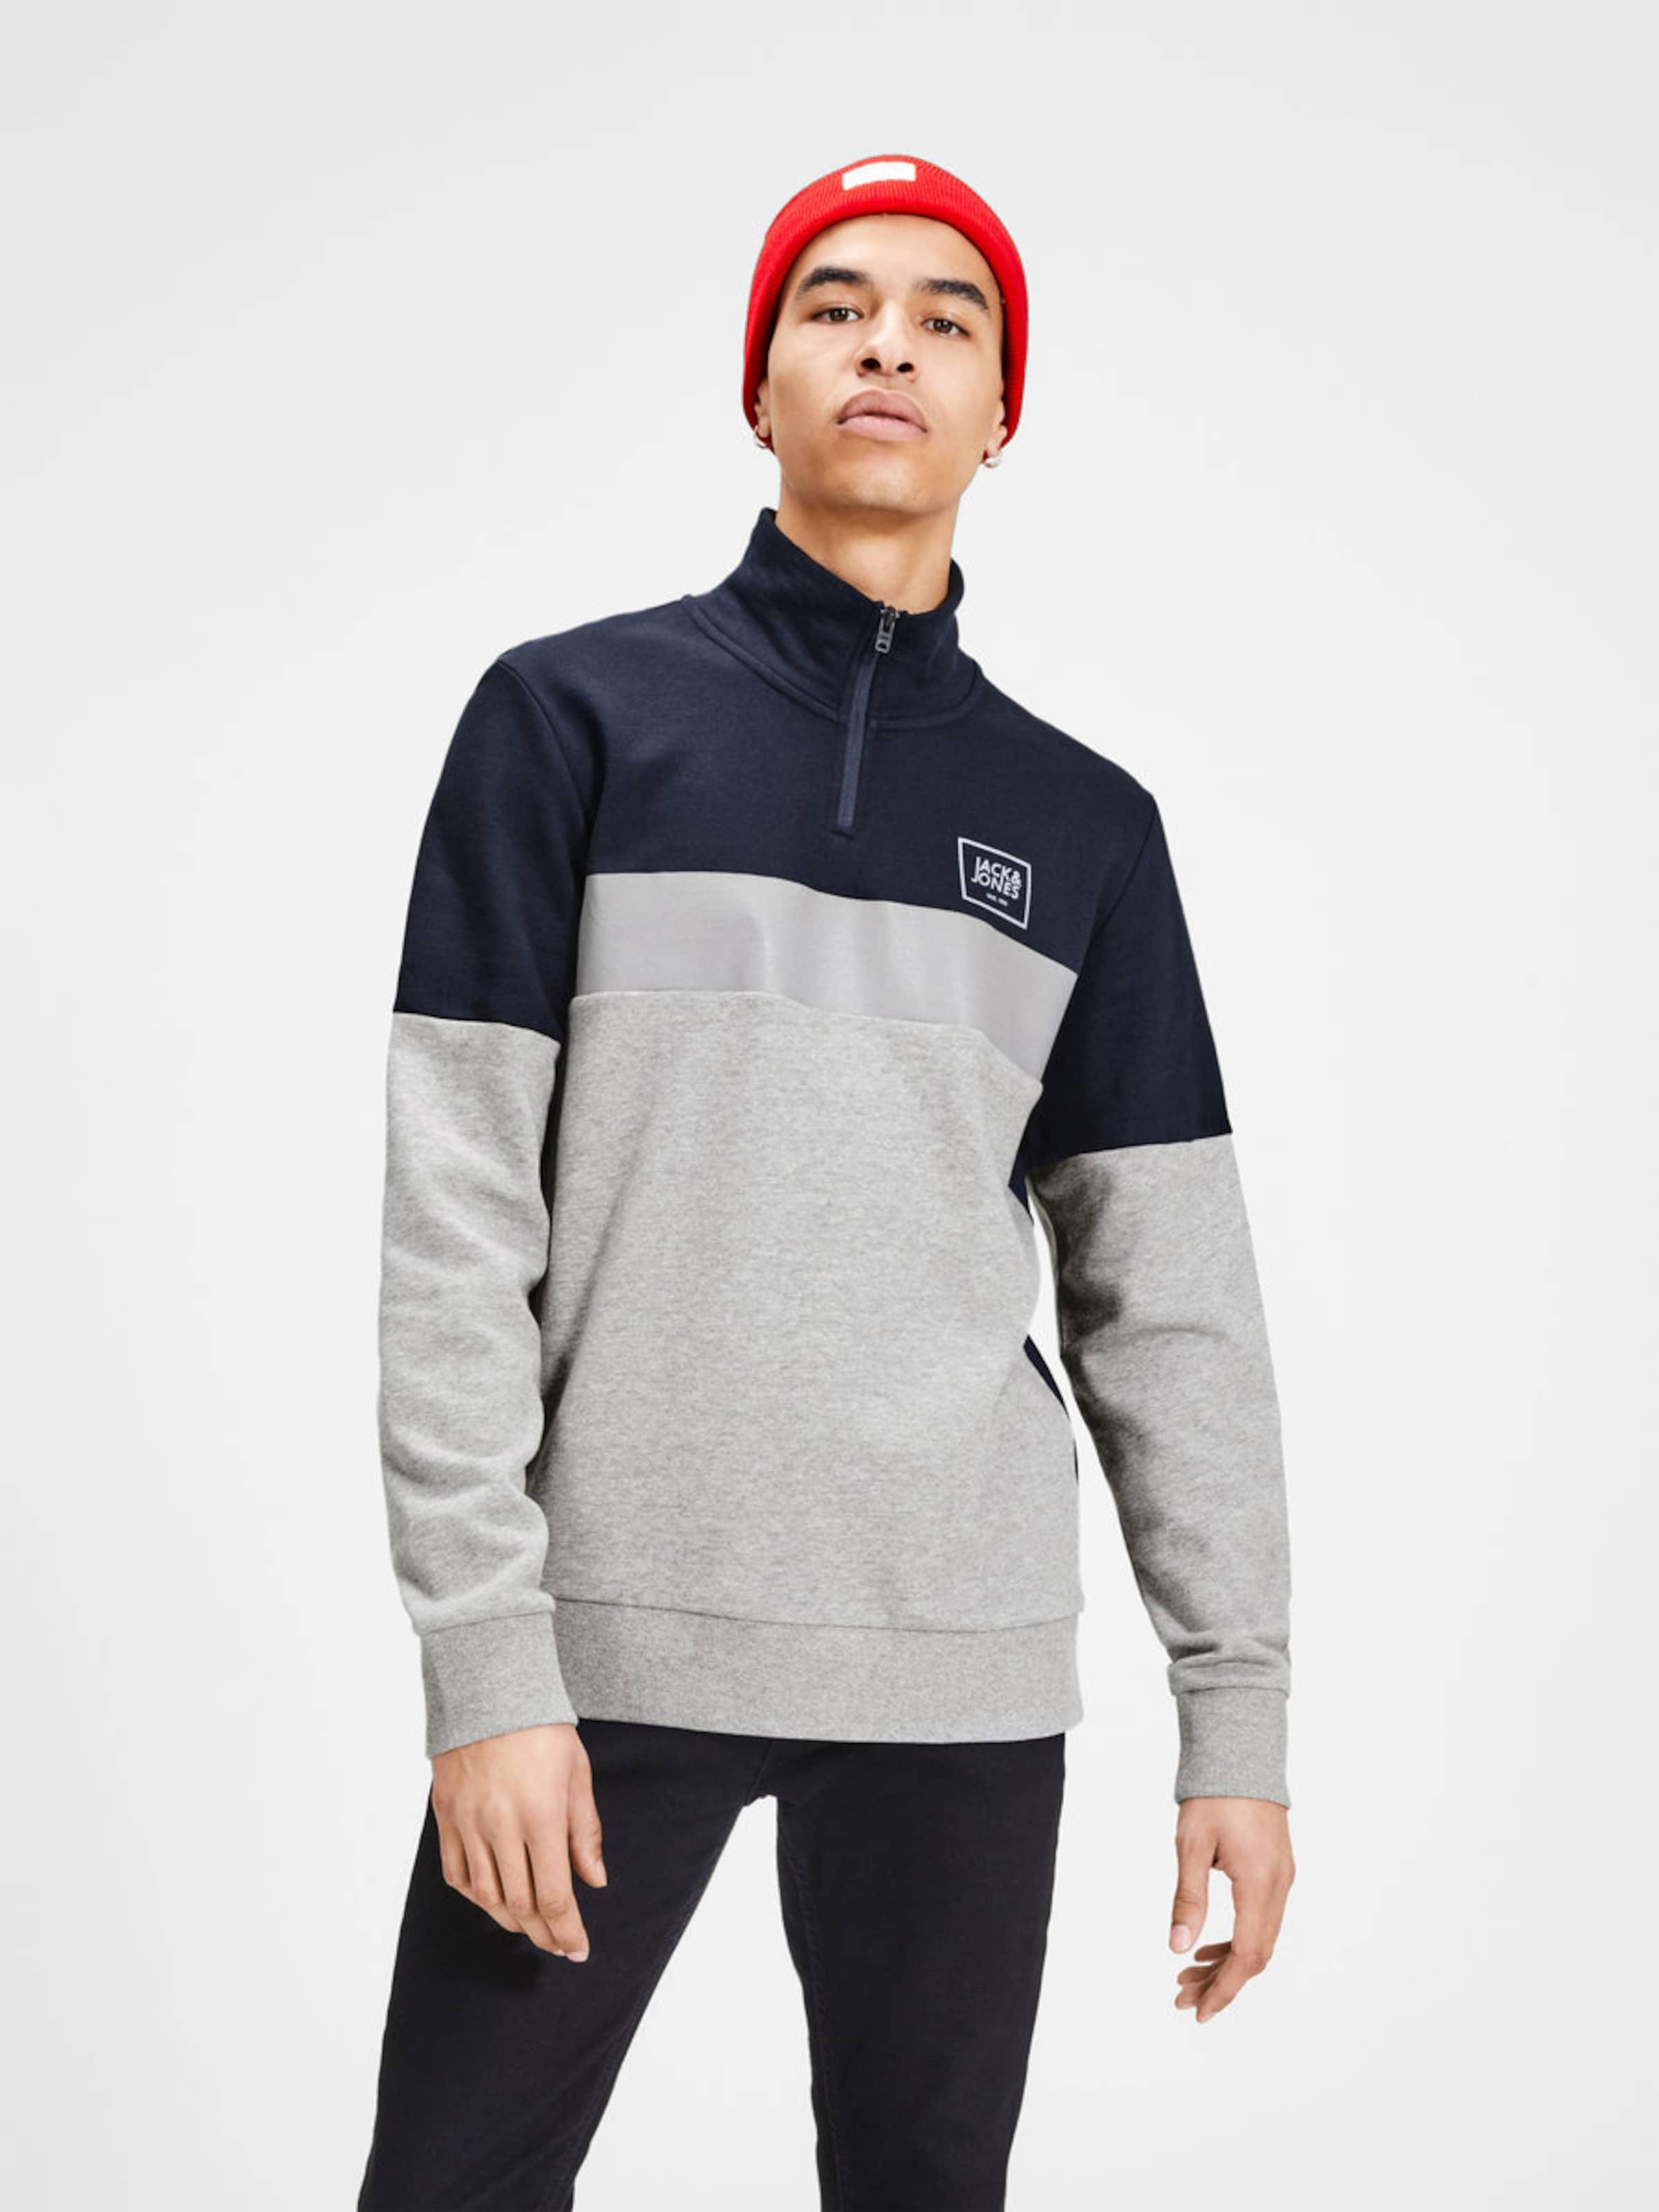 Geschäft Günstigster Preis JACK & JONES Reflektierendes Sweatshirt Online Einkaufen IiBT3LQ